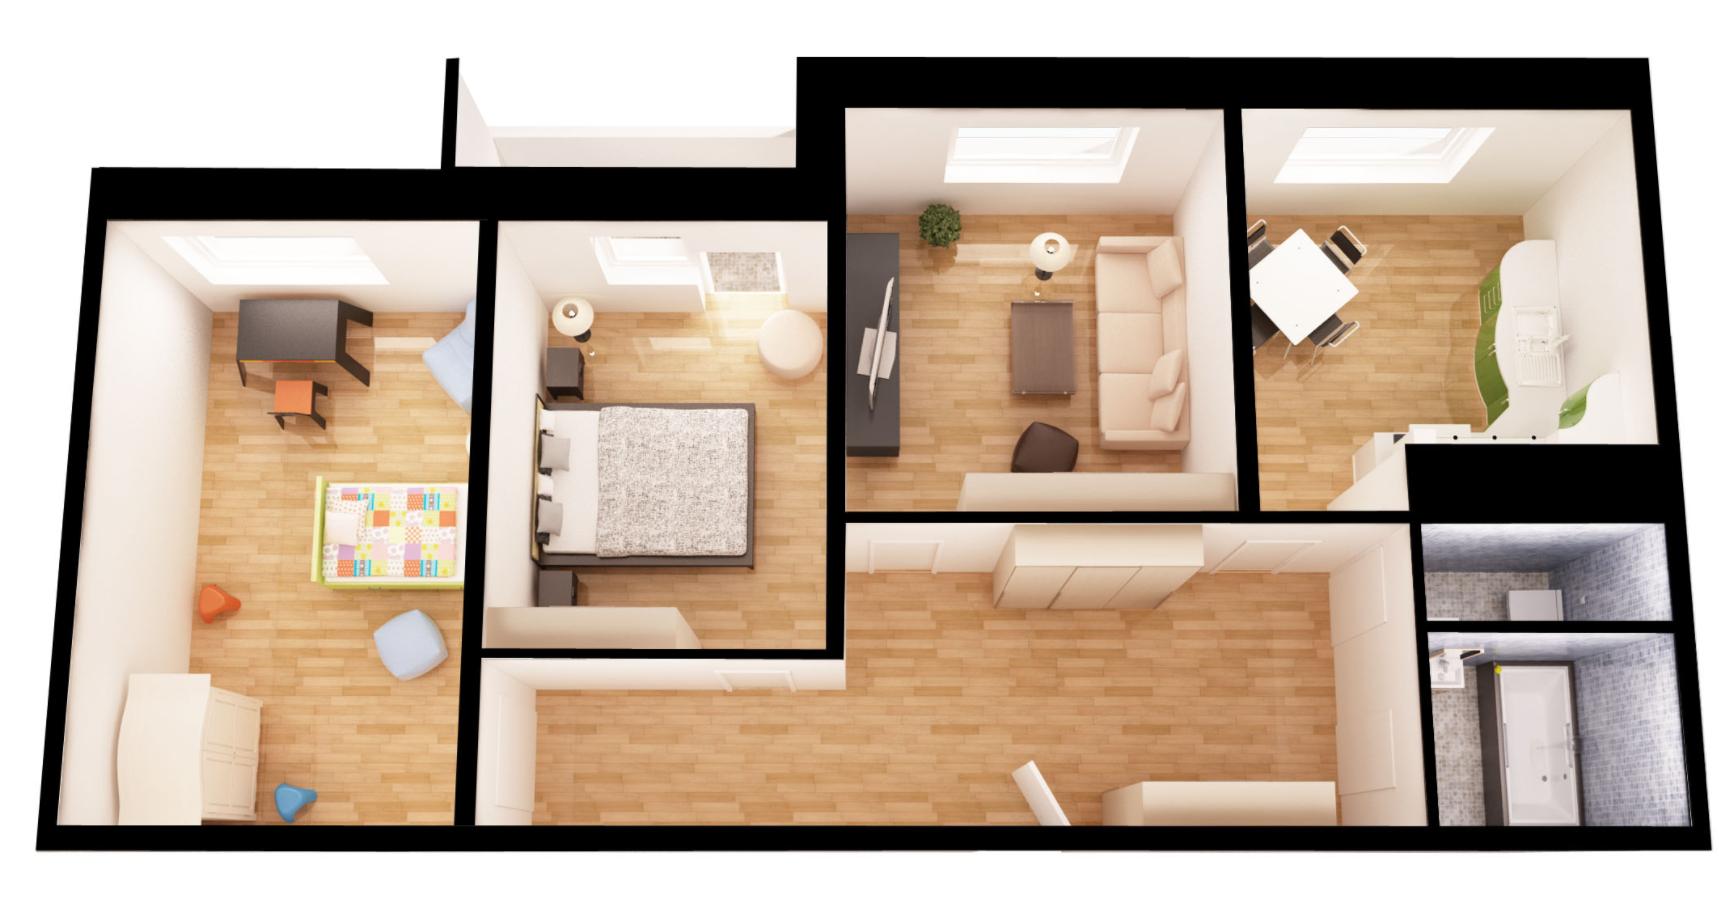 трехкомнатная квартира в новостройке